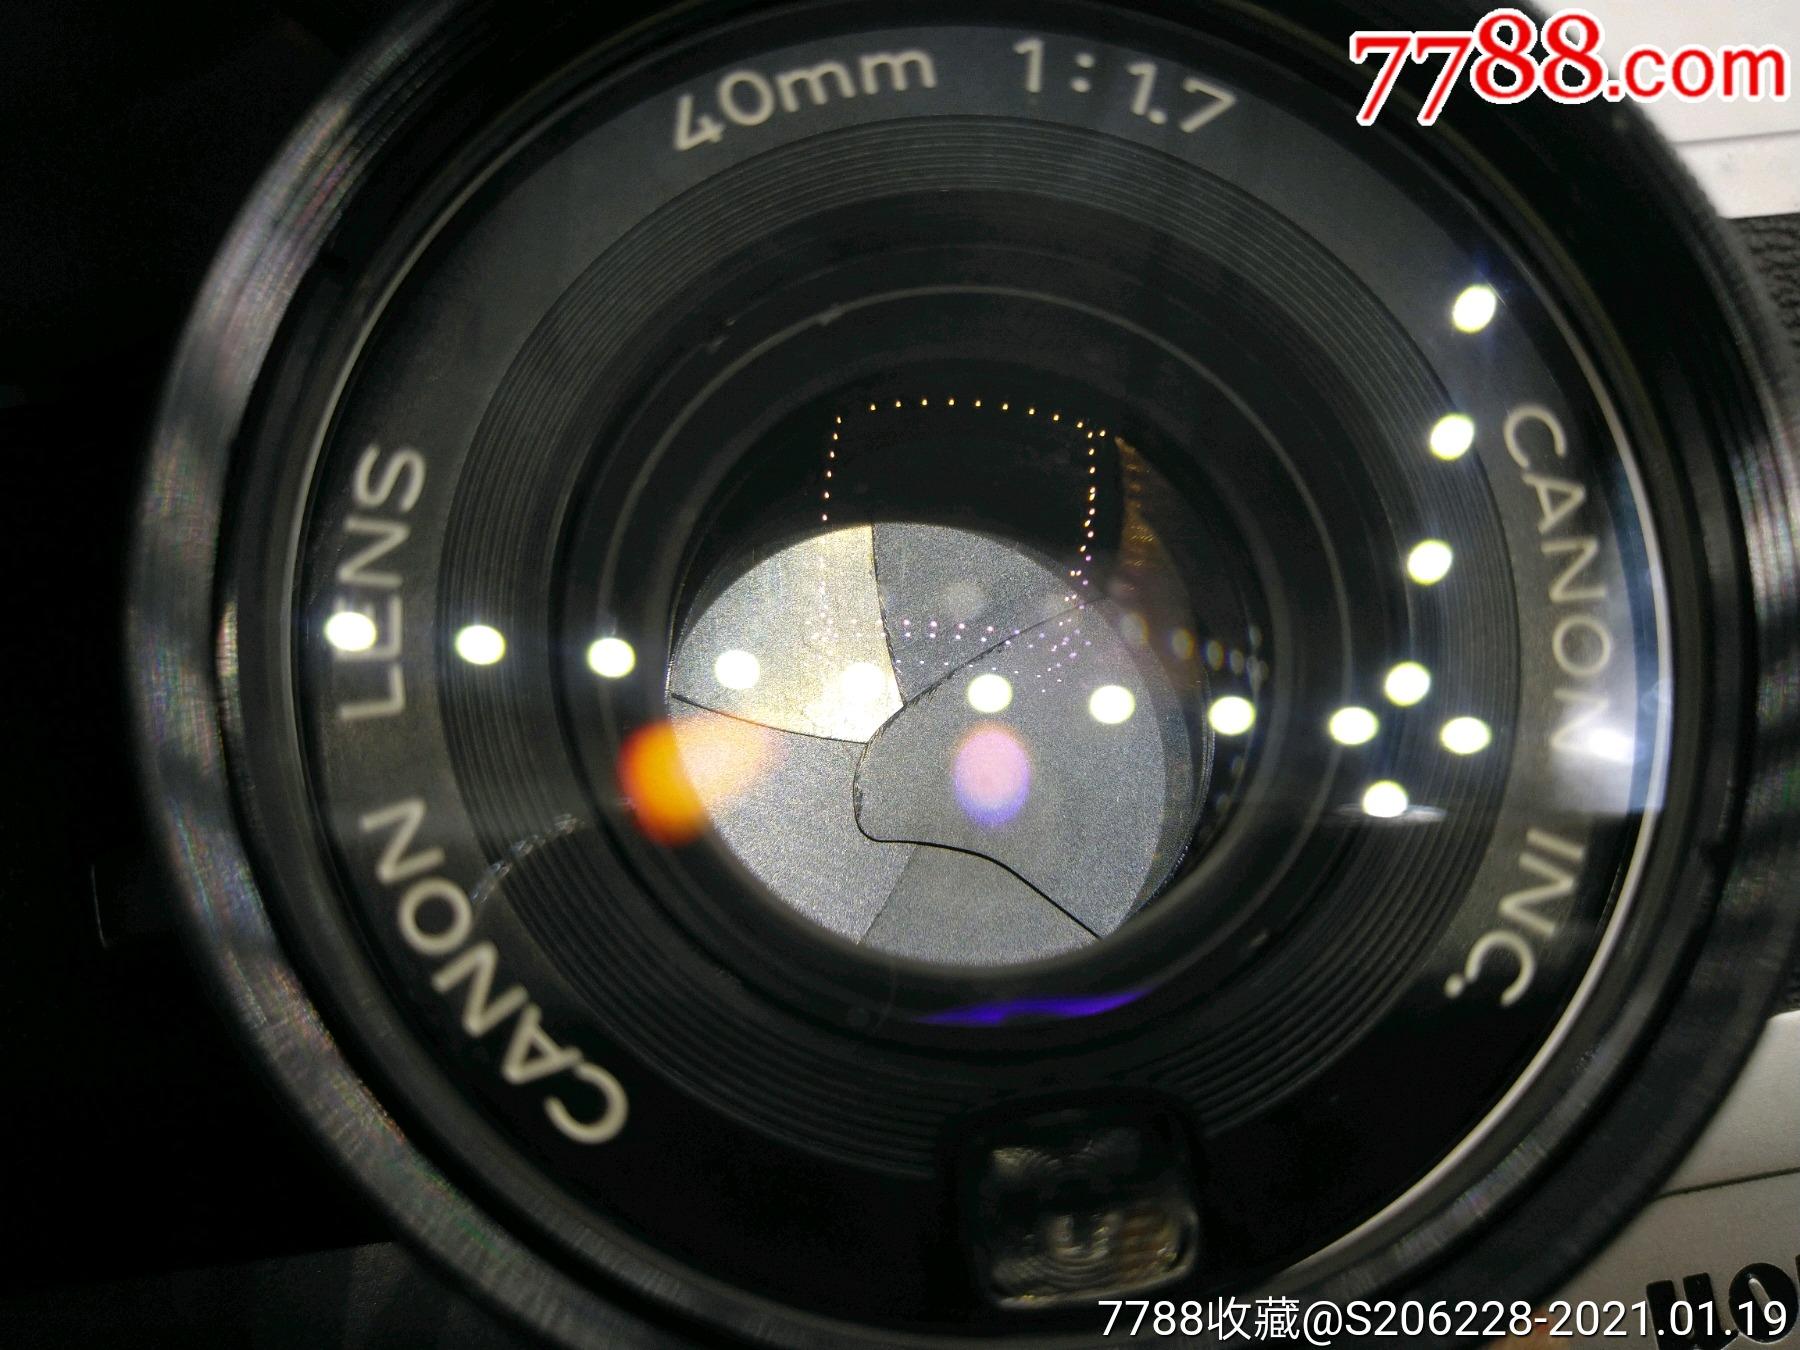 229★Canon_Canonet-QL17旁軸相機/機身編號:643049_價格260元_第11張_